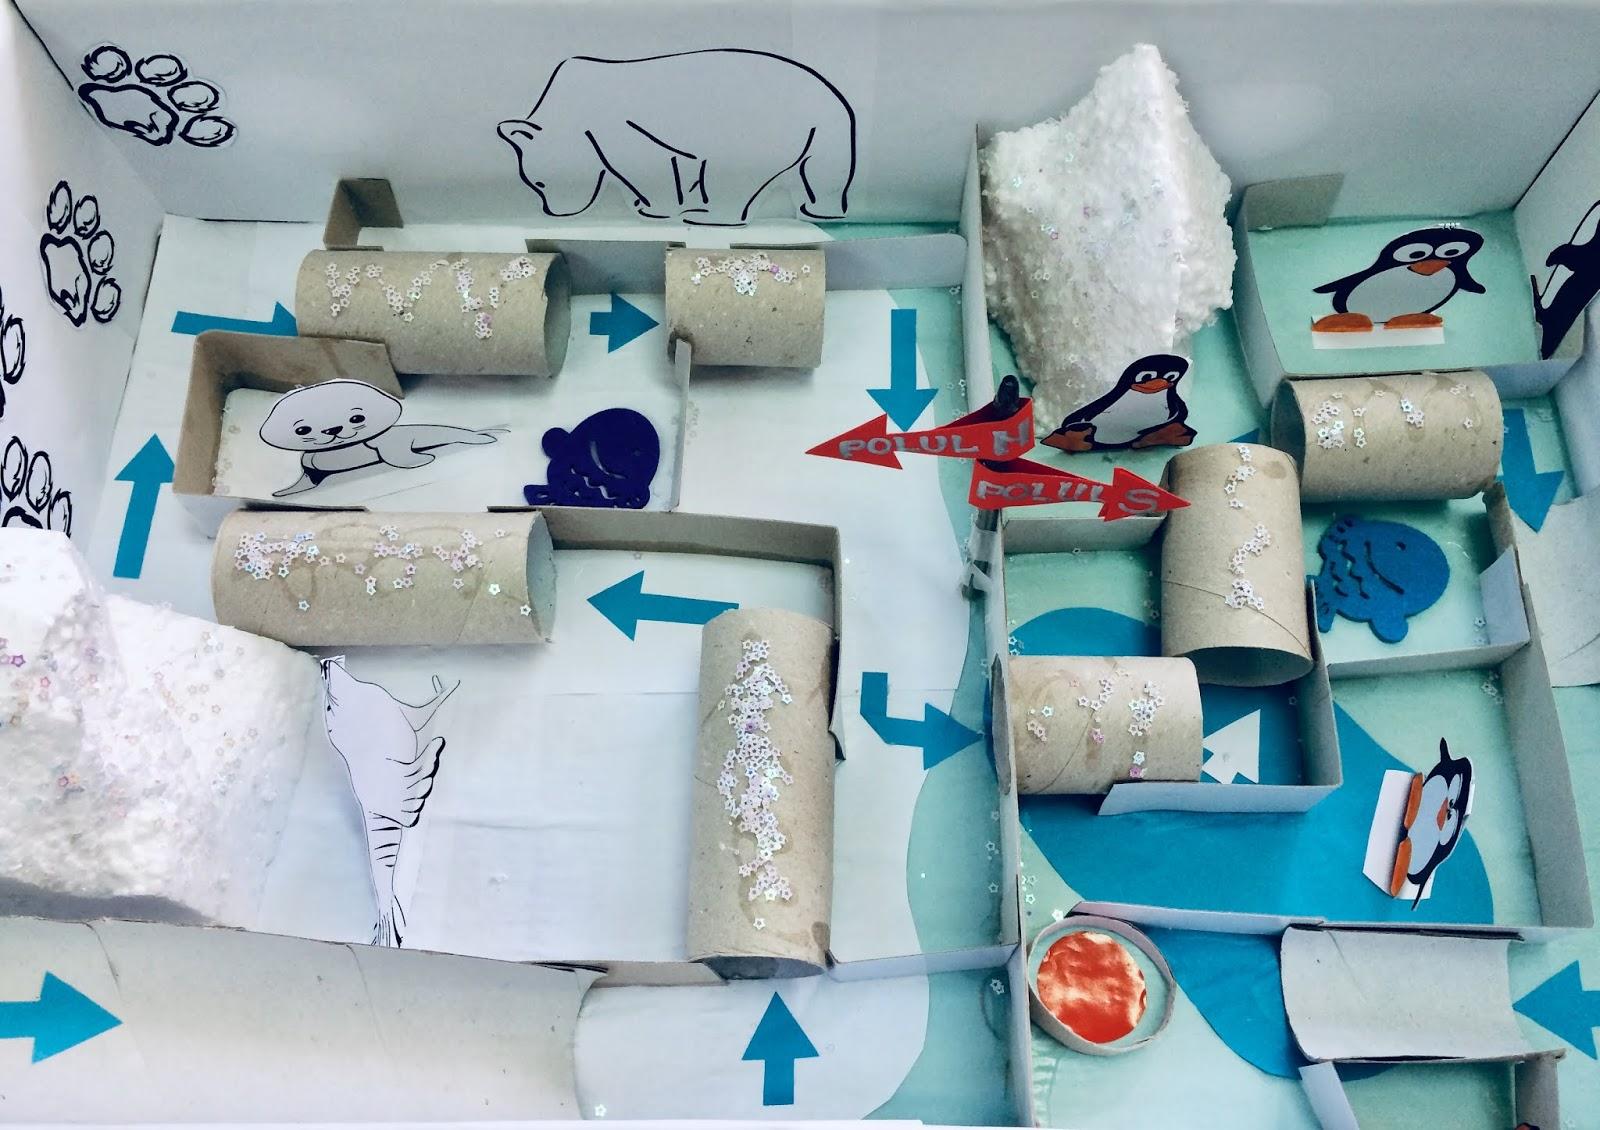 Animale din Zonele Polare- între dioramă și joc